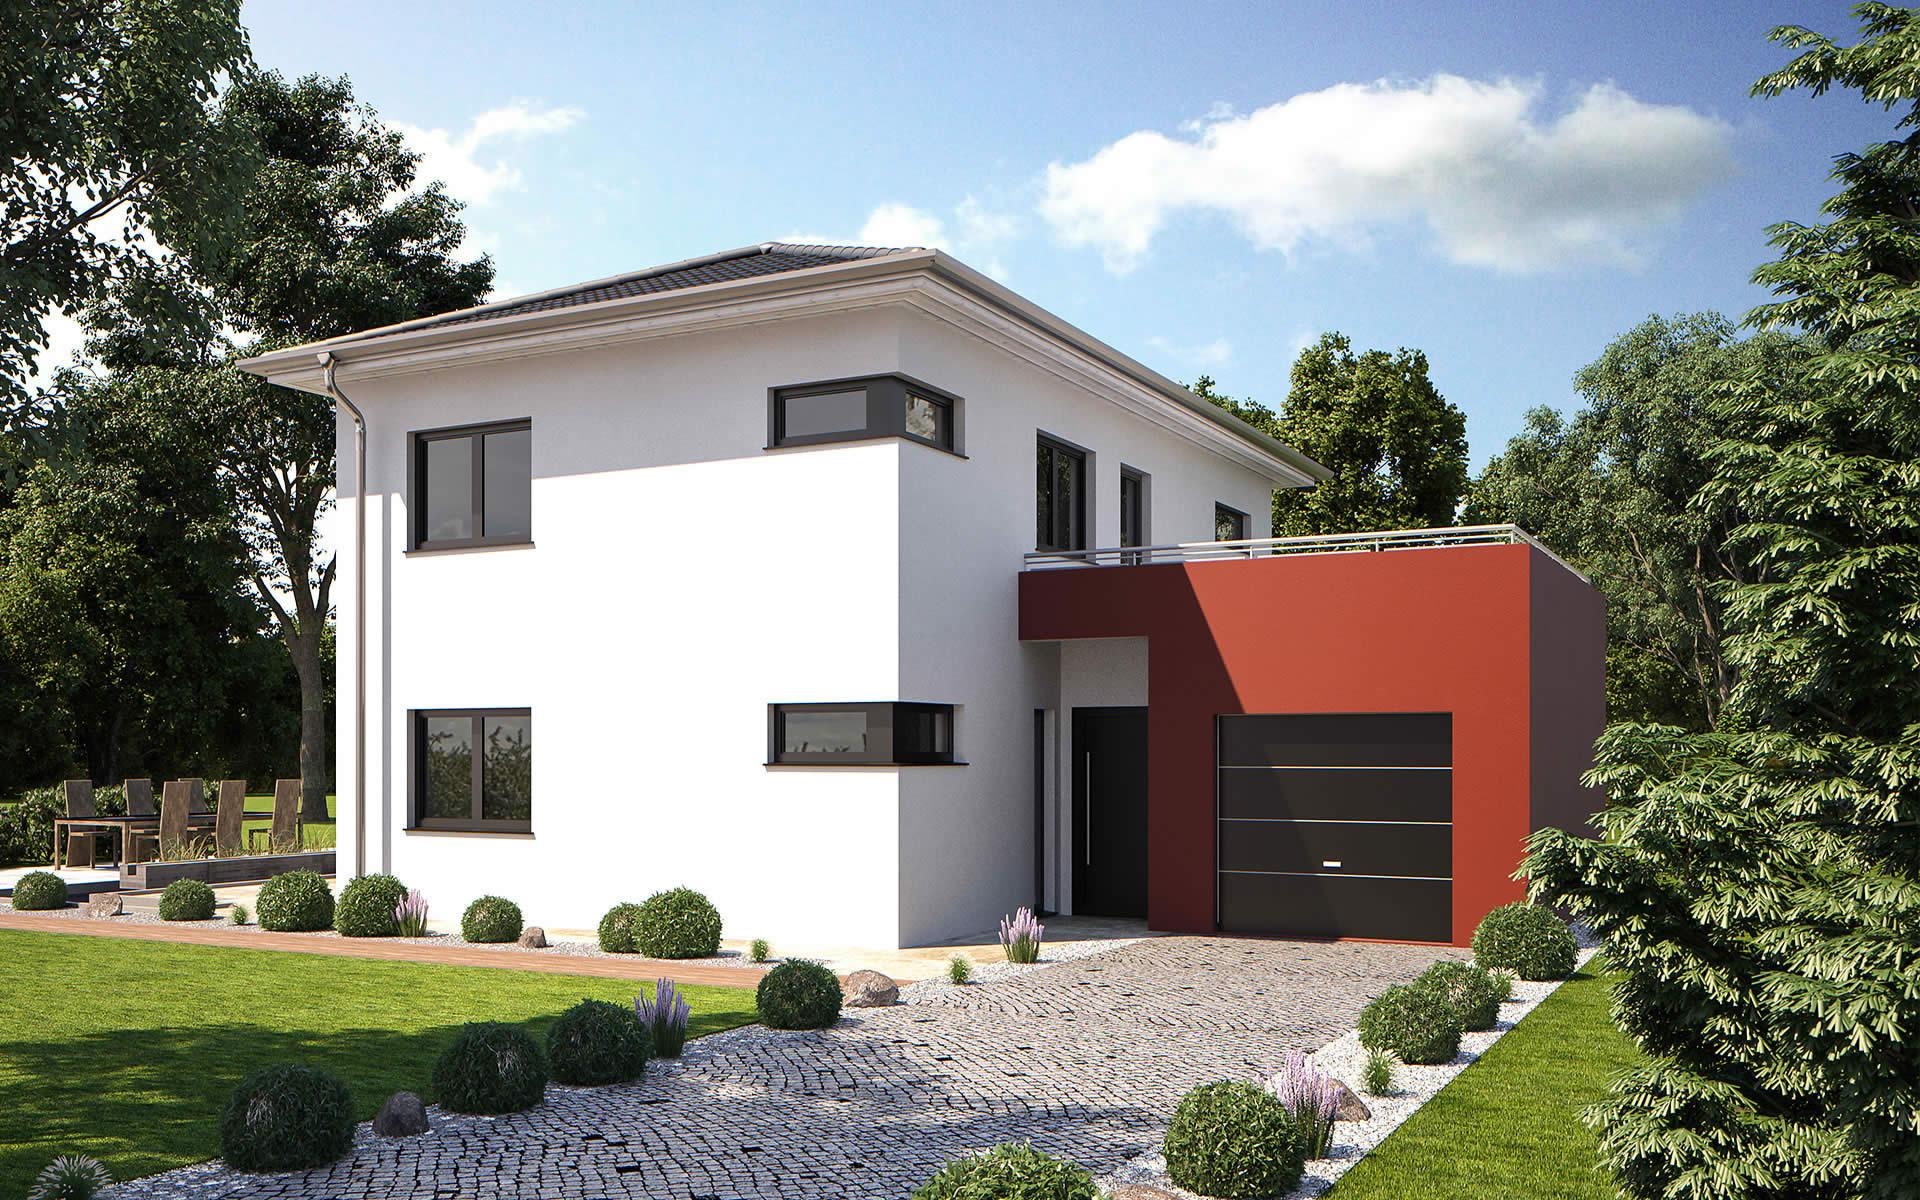 Eos 176 von Bärenhaus - das fertige Haus GmbH